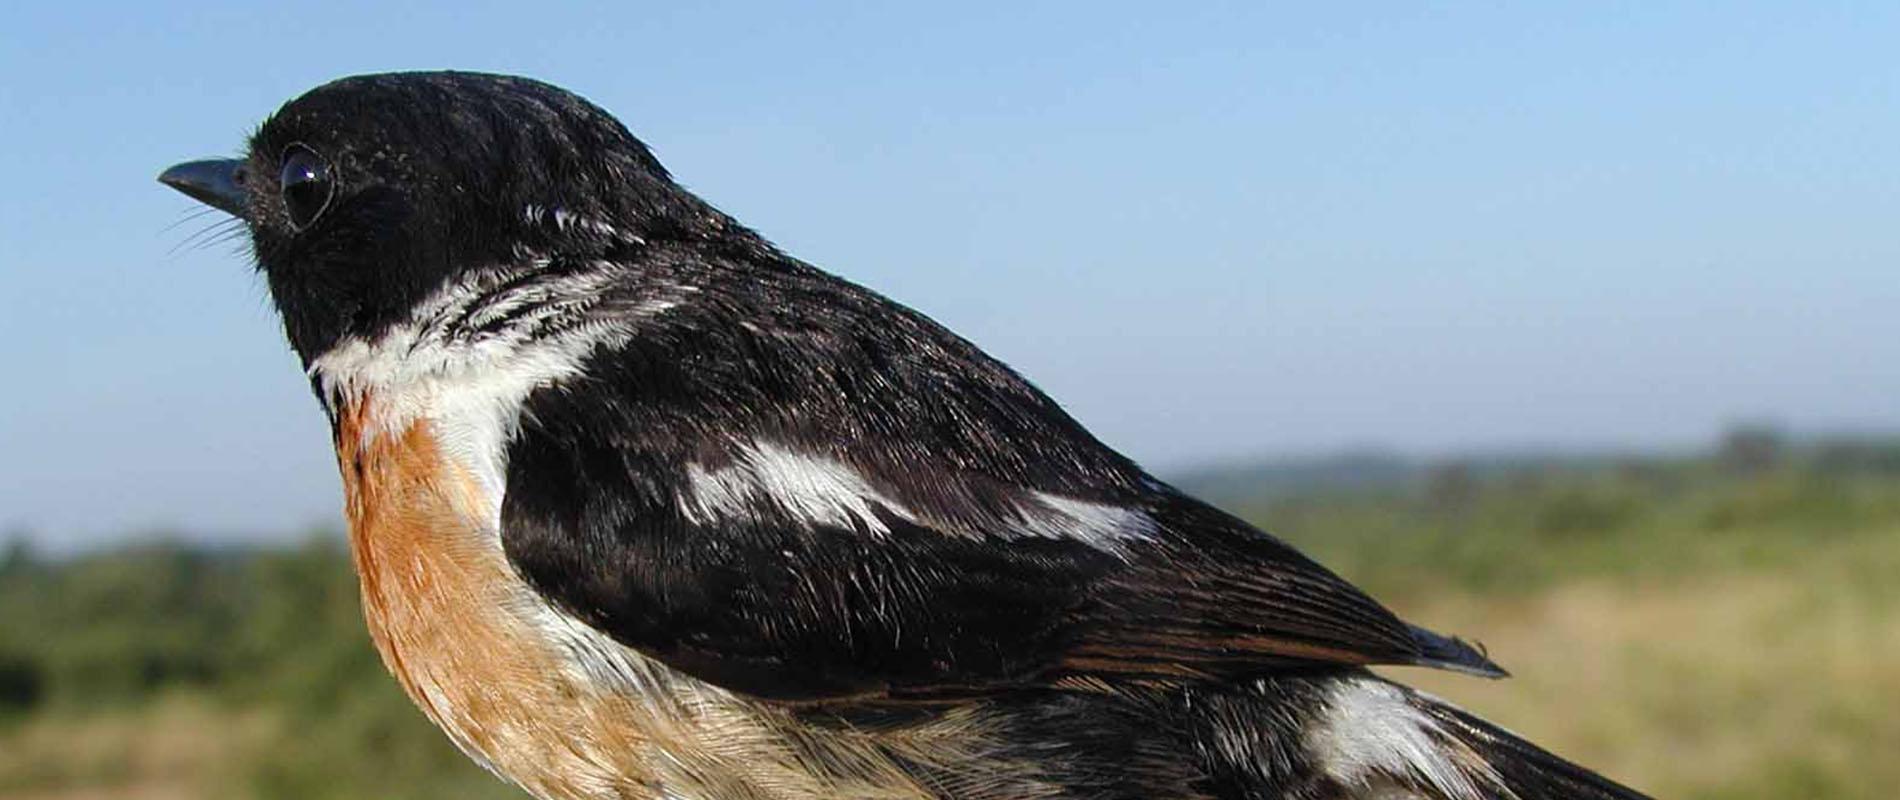 Photographie d'un oiseau